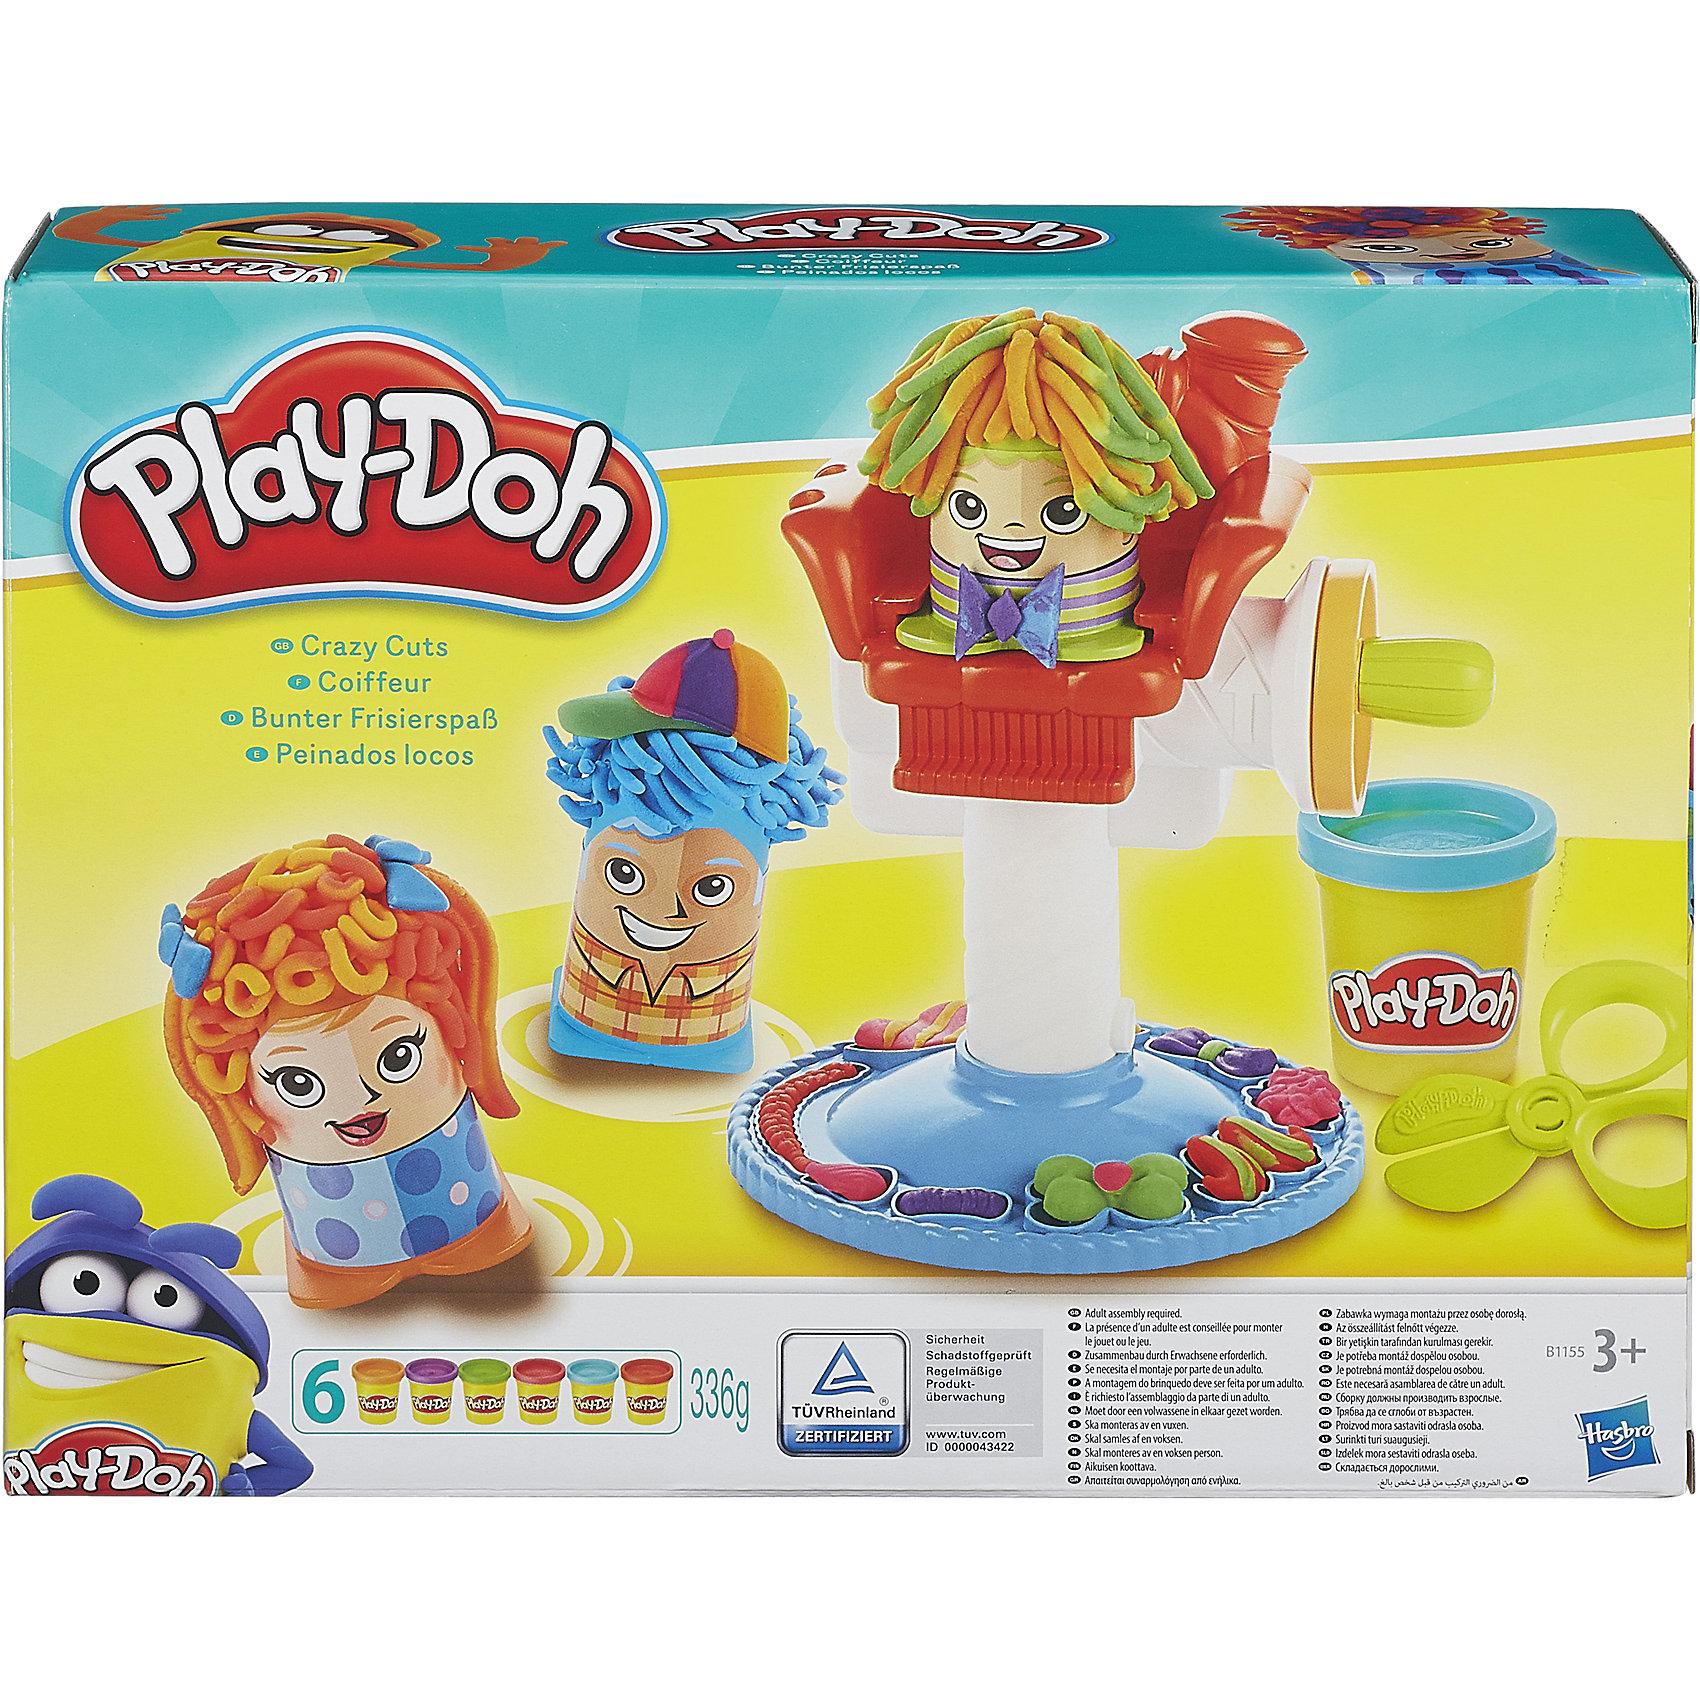 Hasbro Игровой набор Сумасшедшие прически, Play-Doh hasbro play doh b5517 игровой набор из 4 баночек в ассортименте обновлённый